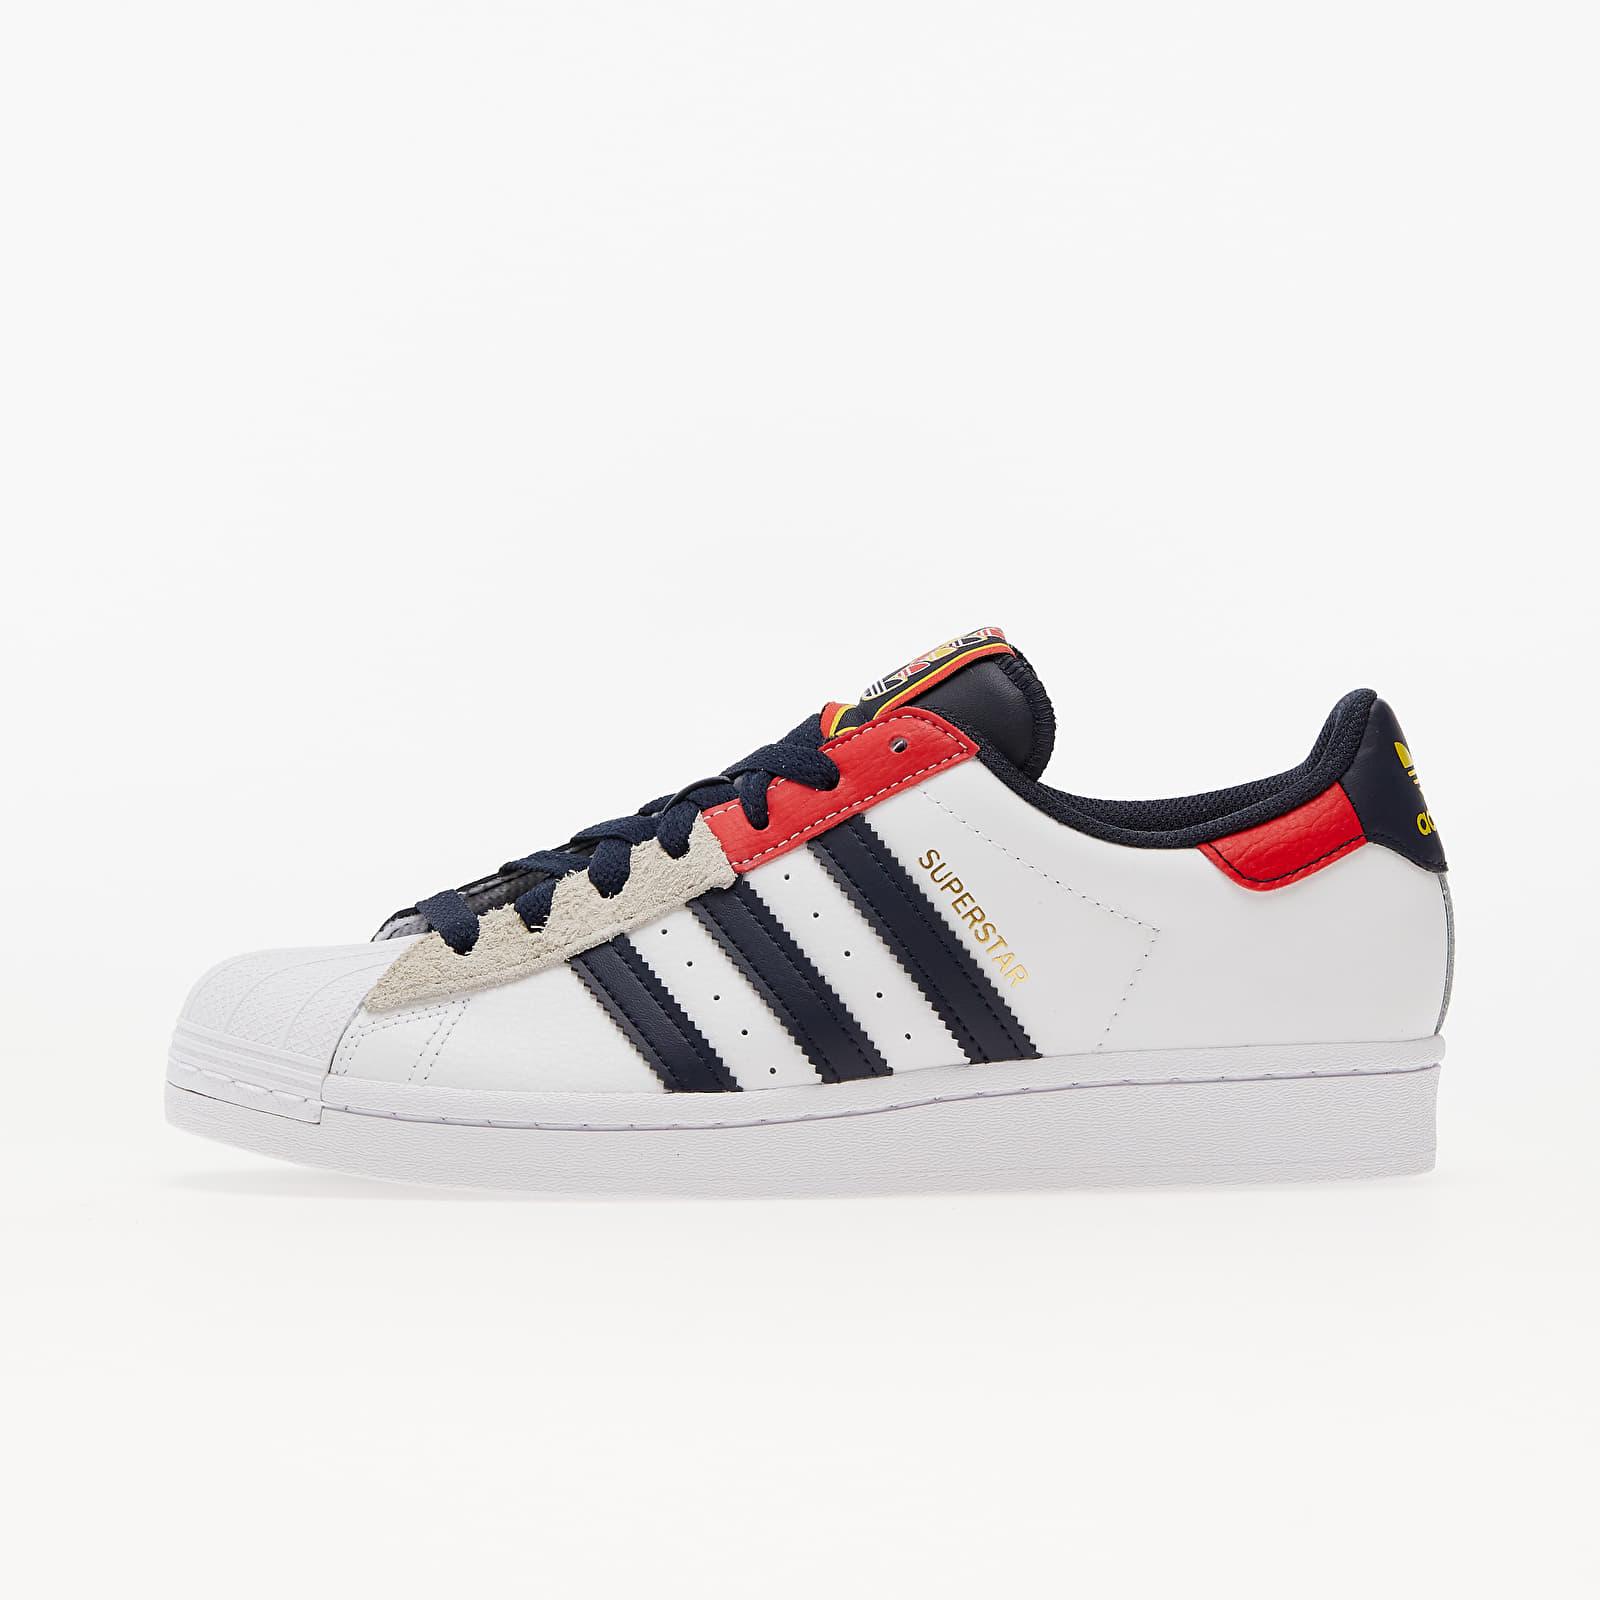 adidas Superstar Ftw White/ Legend Ink/ Red EUR 36